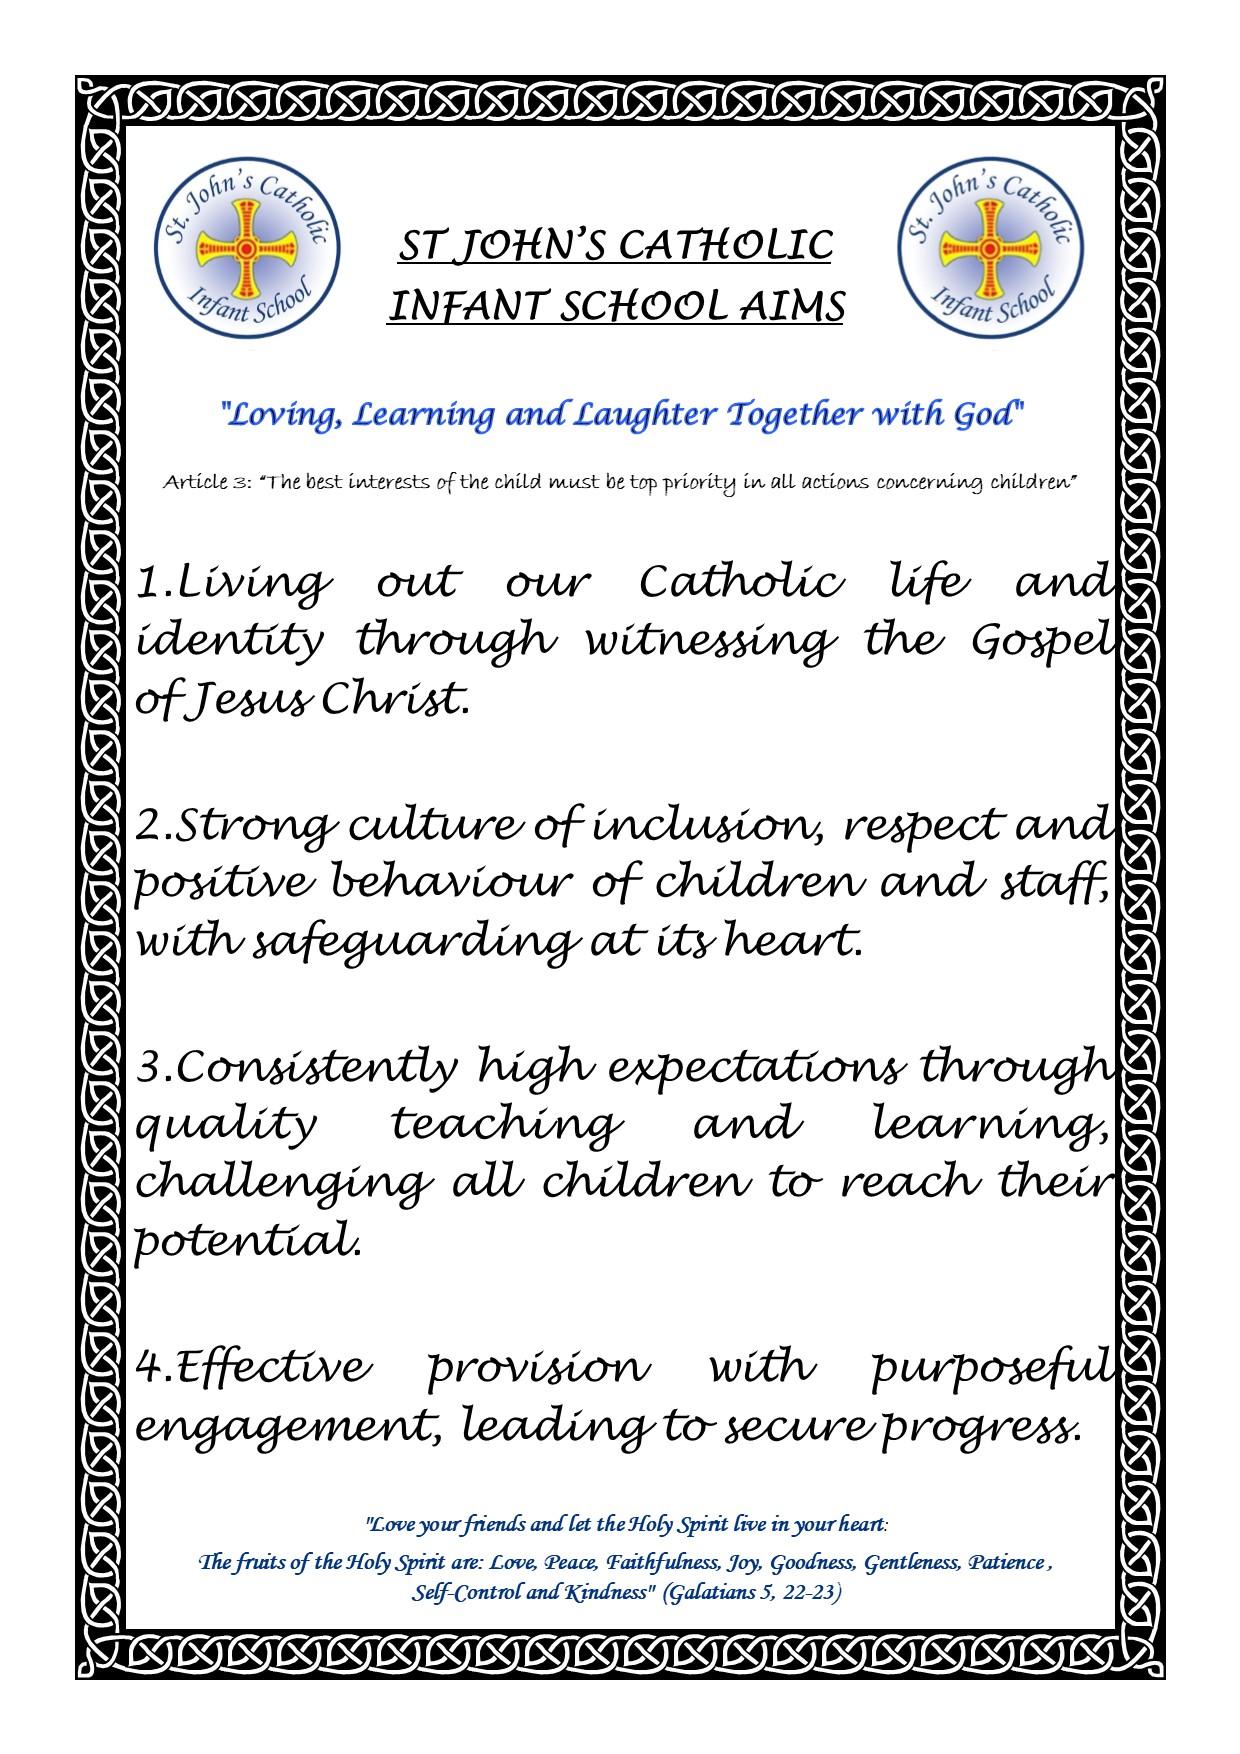 School Aims Poster 2018 v2.jpg